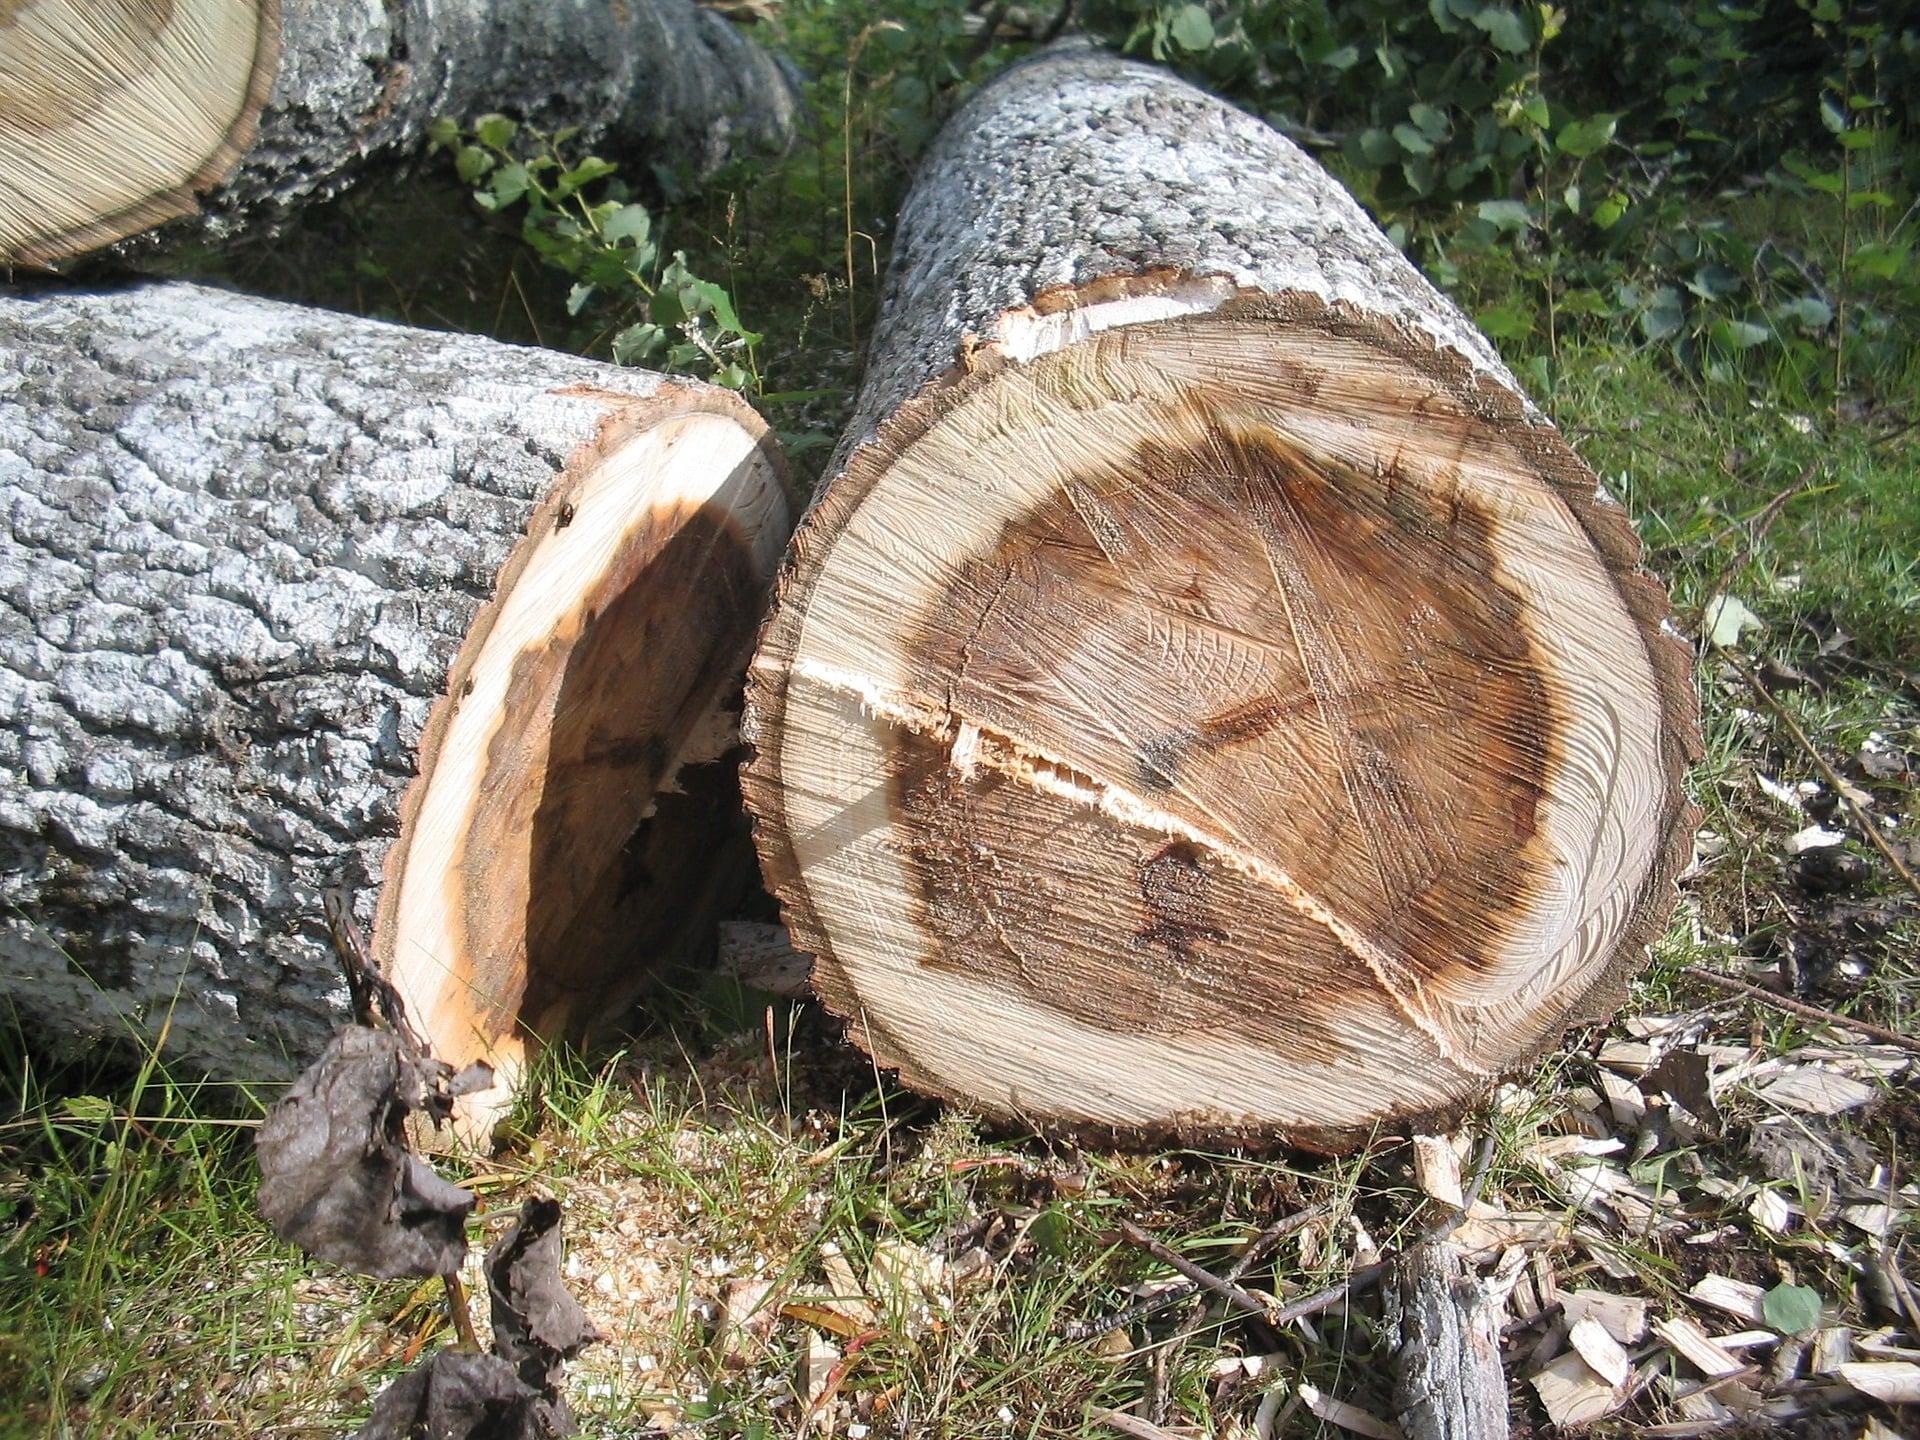 Les étapes à respecter pour réussir l'abattage d'un arbre